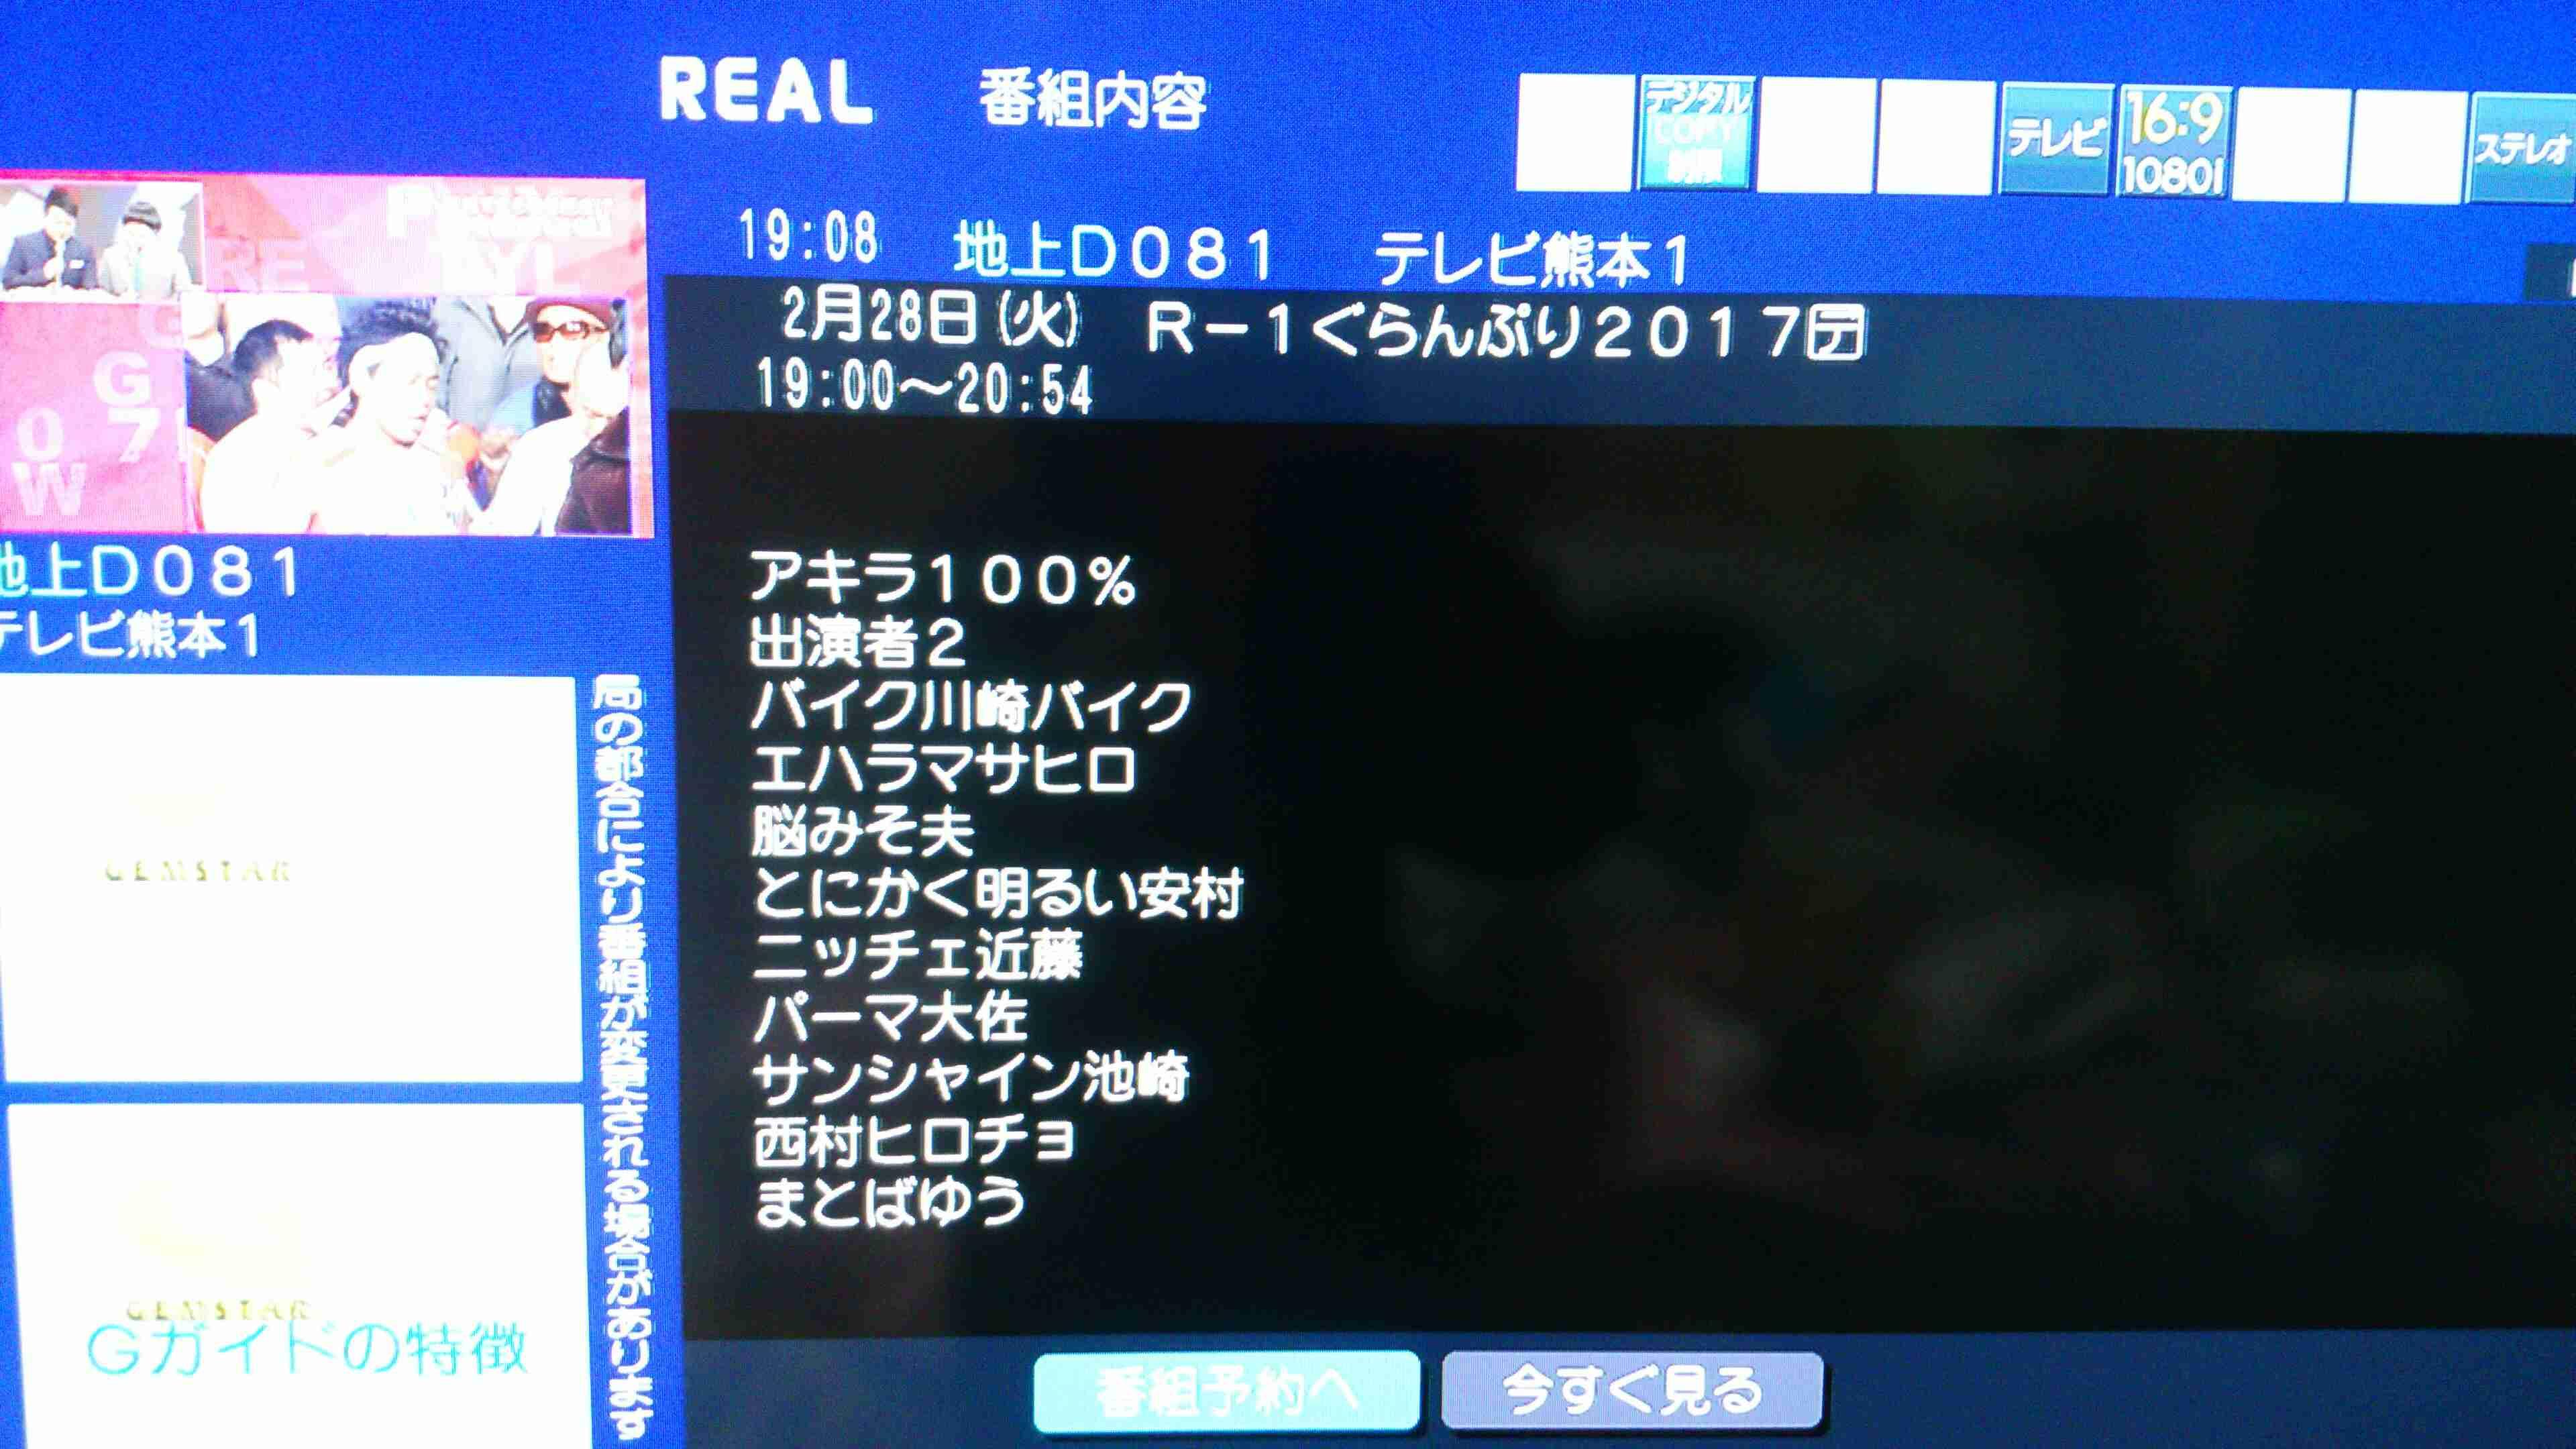 【実況・感想】R-1ぐらんぷり2017